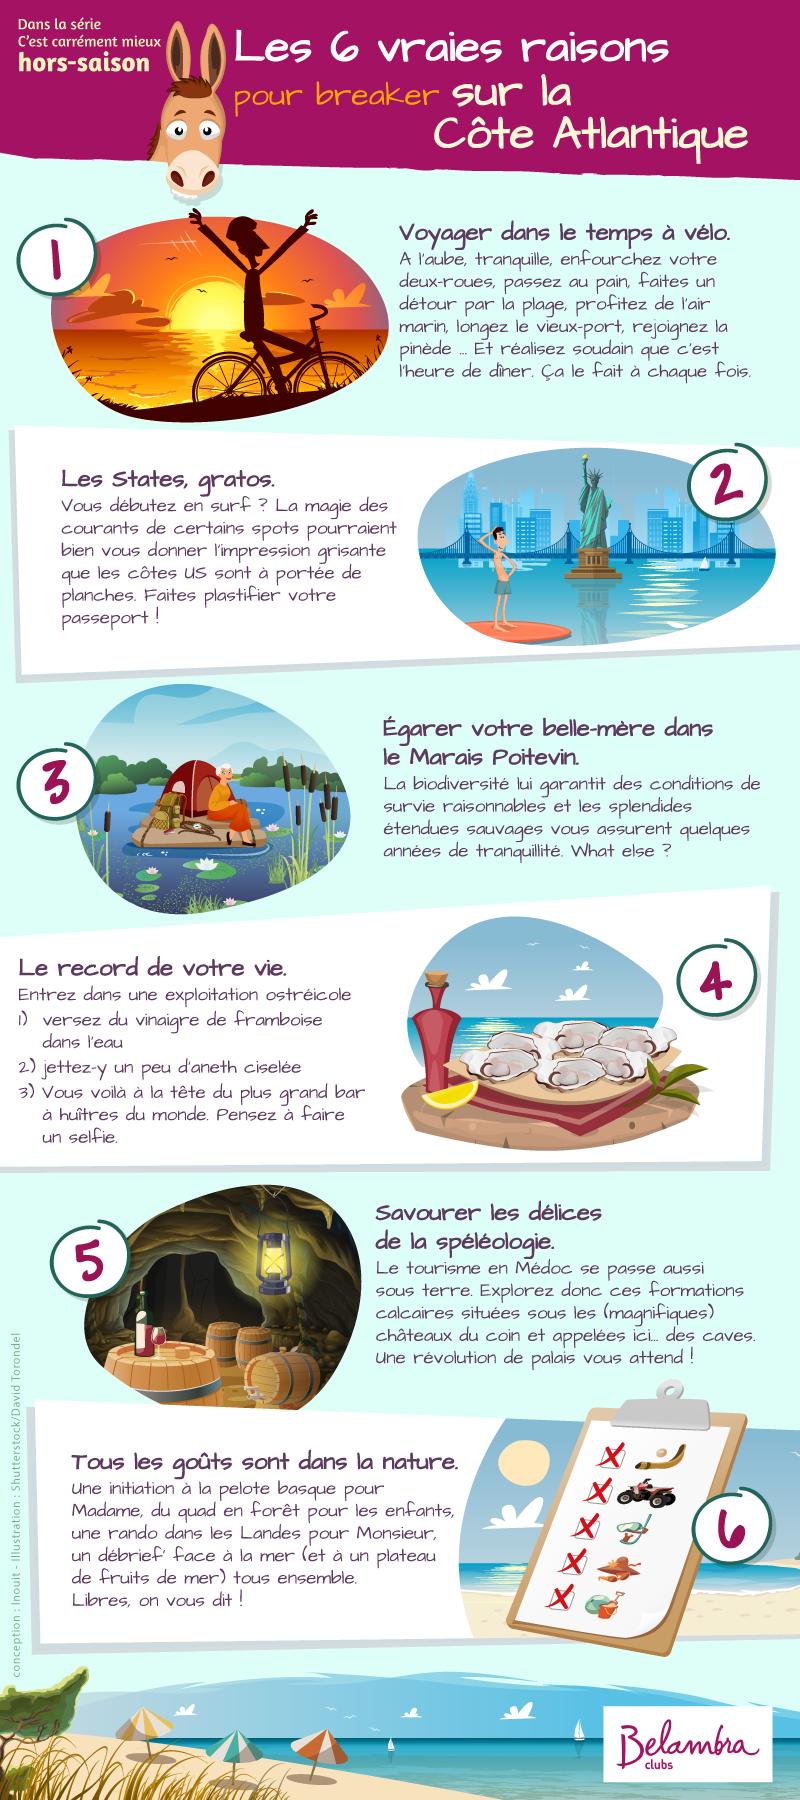 Les 6 vraies raisons pour breaker sur la Côte Atlantique